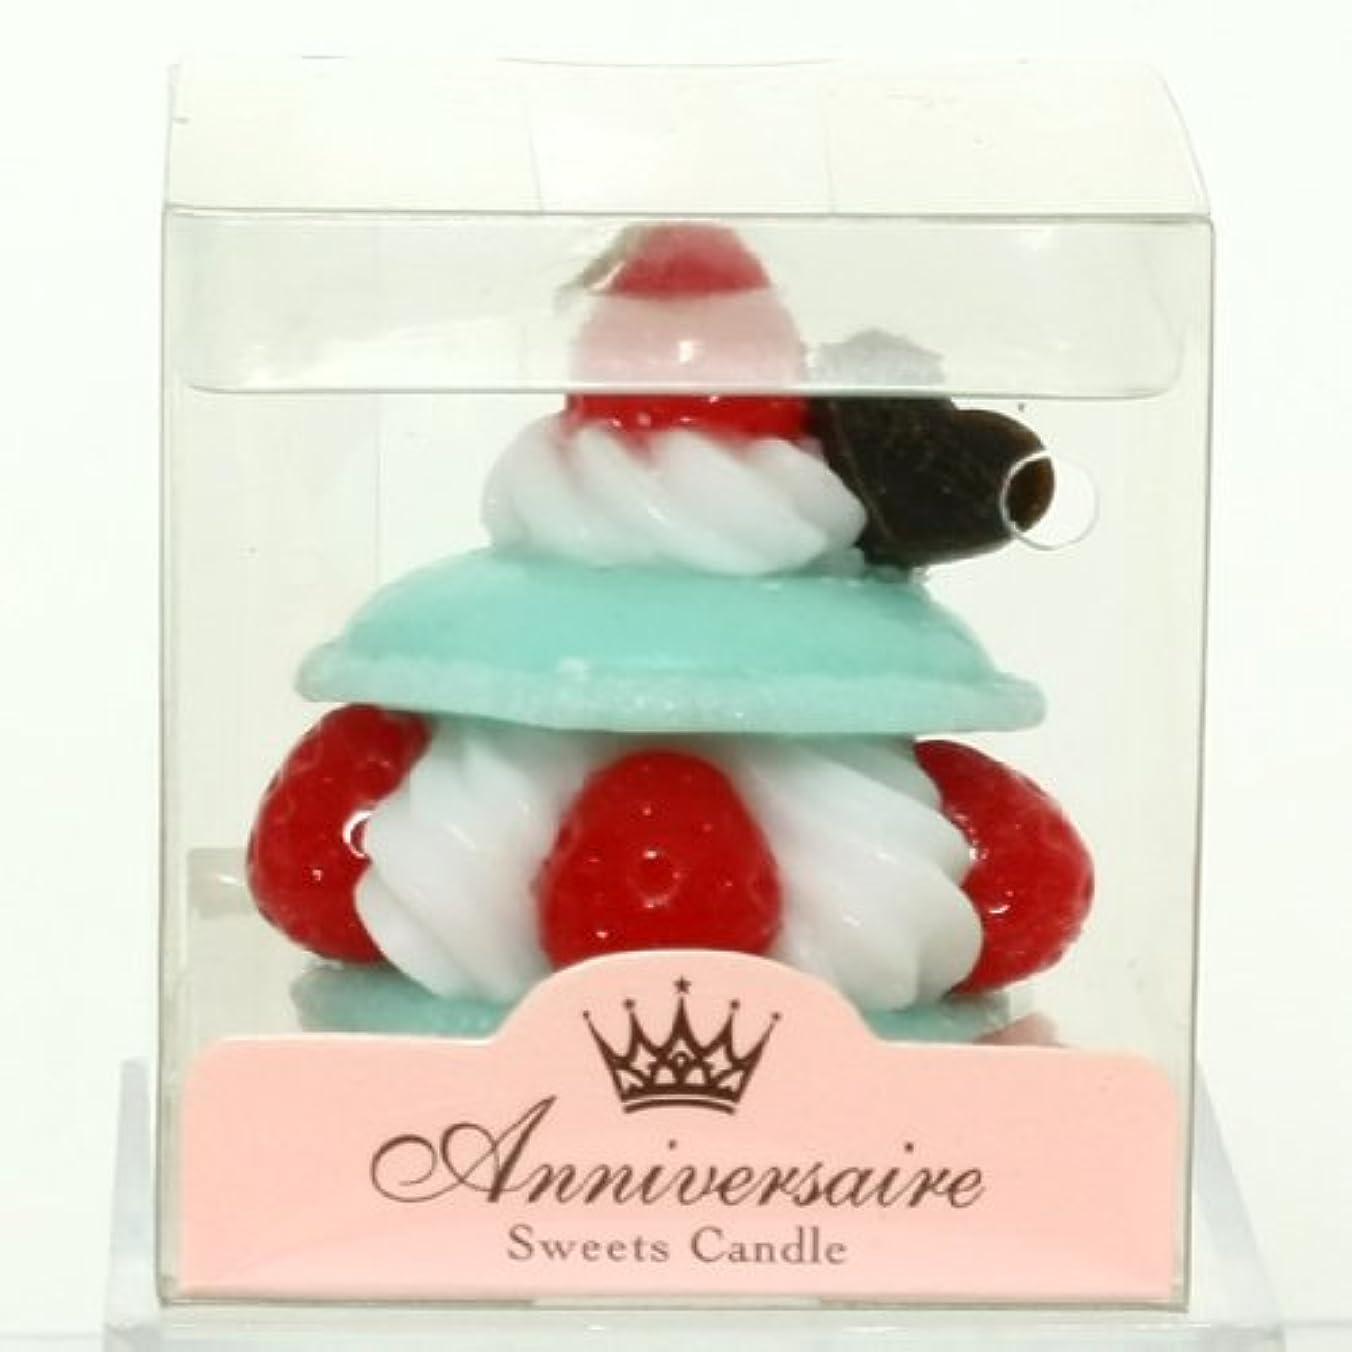 概要ループ散髪sweets candle(スイーツキャンドル) マカロンケーキキャンドル【ミント】(ba6580500mt)